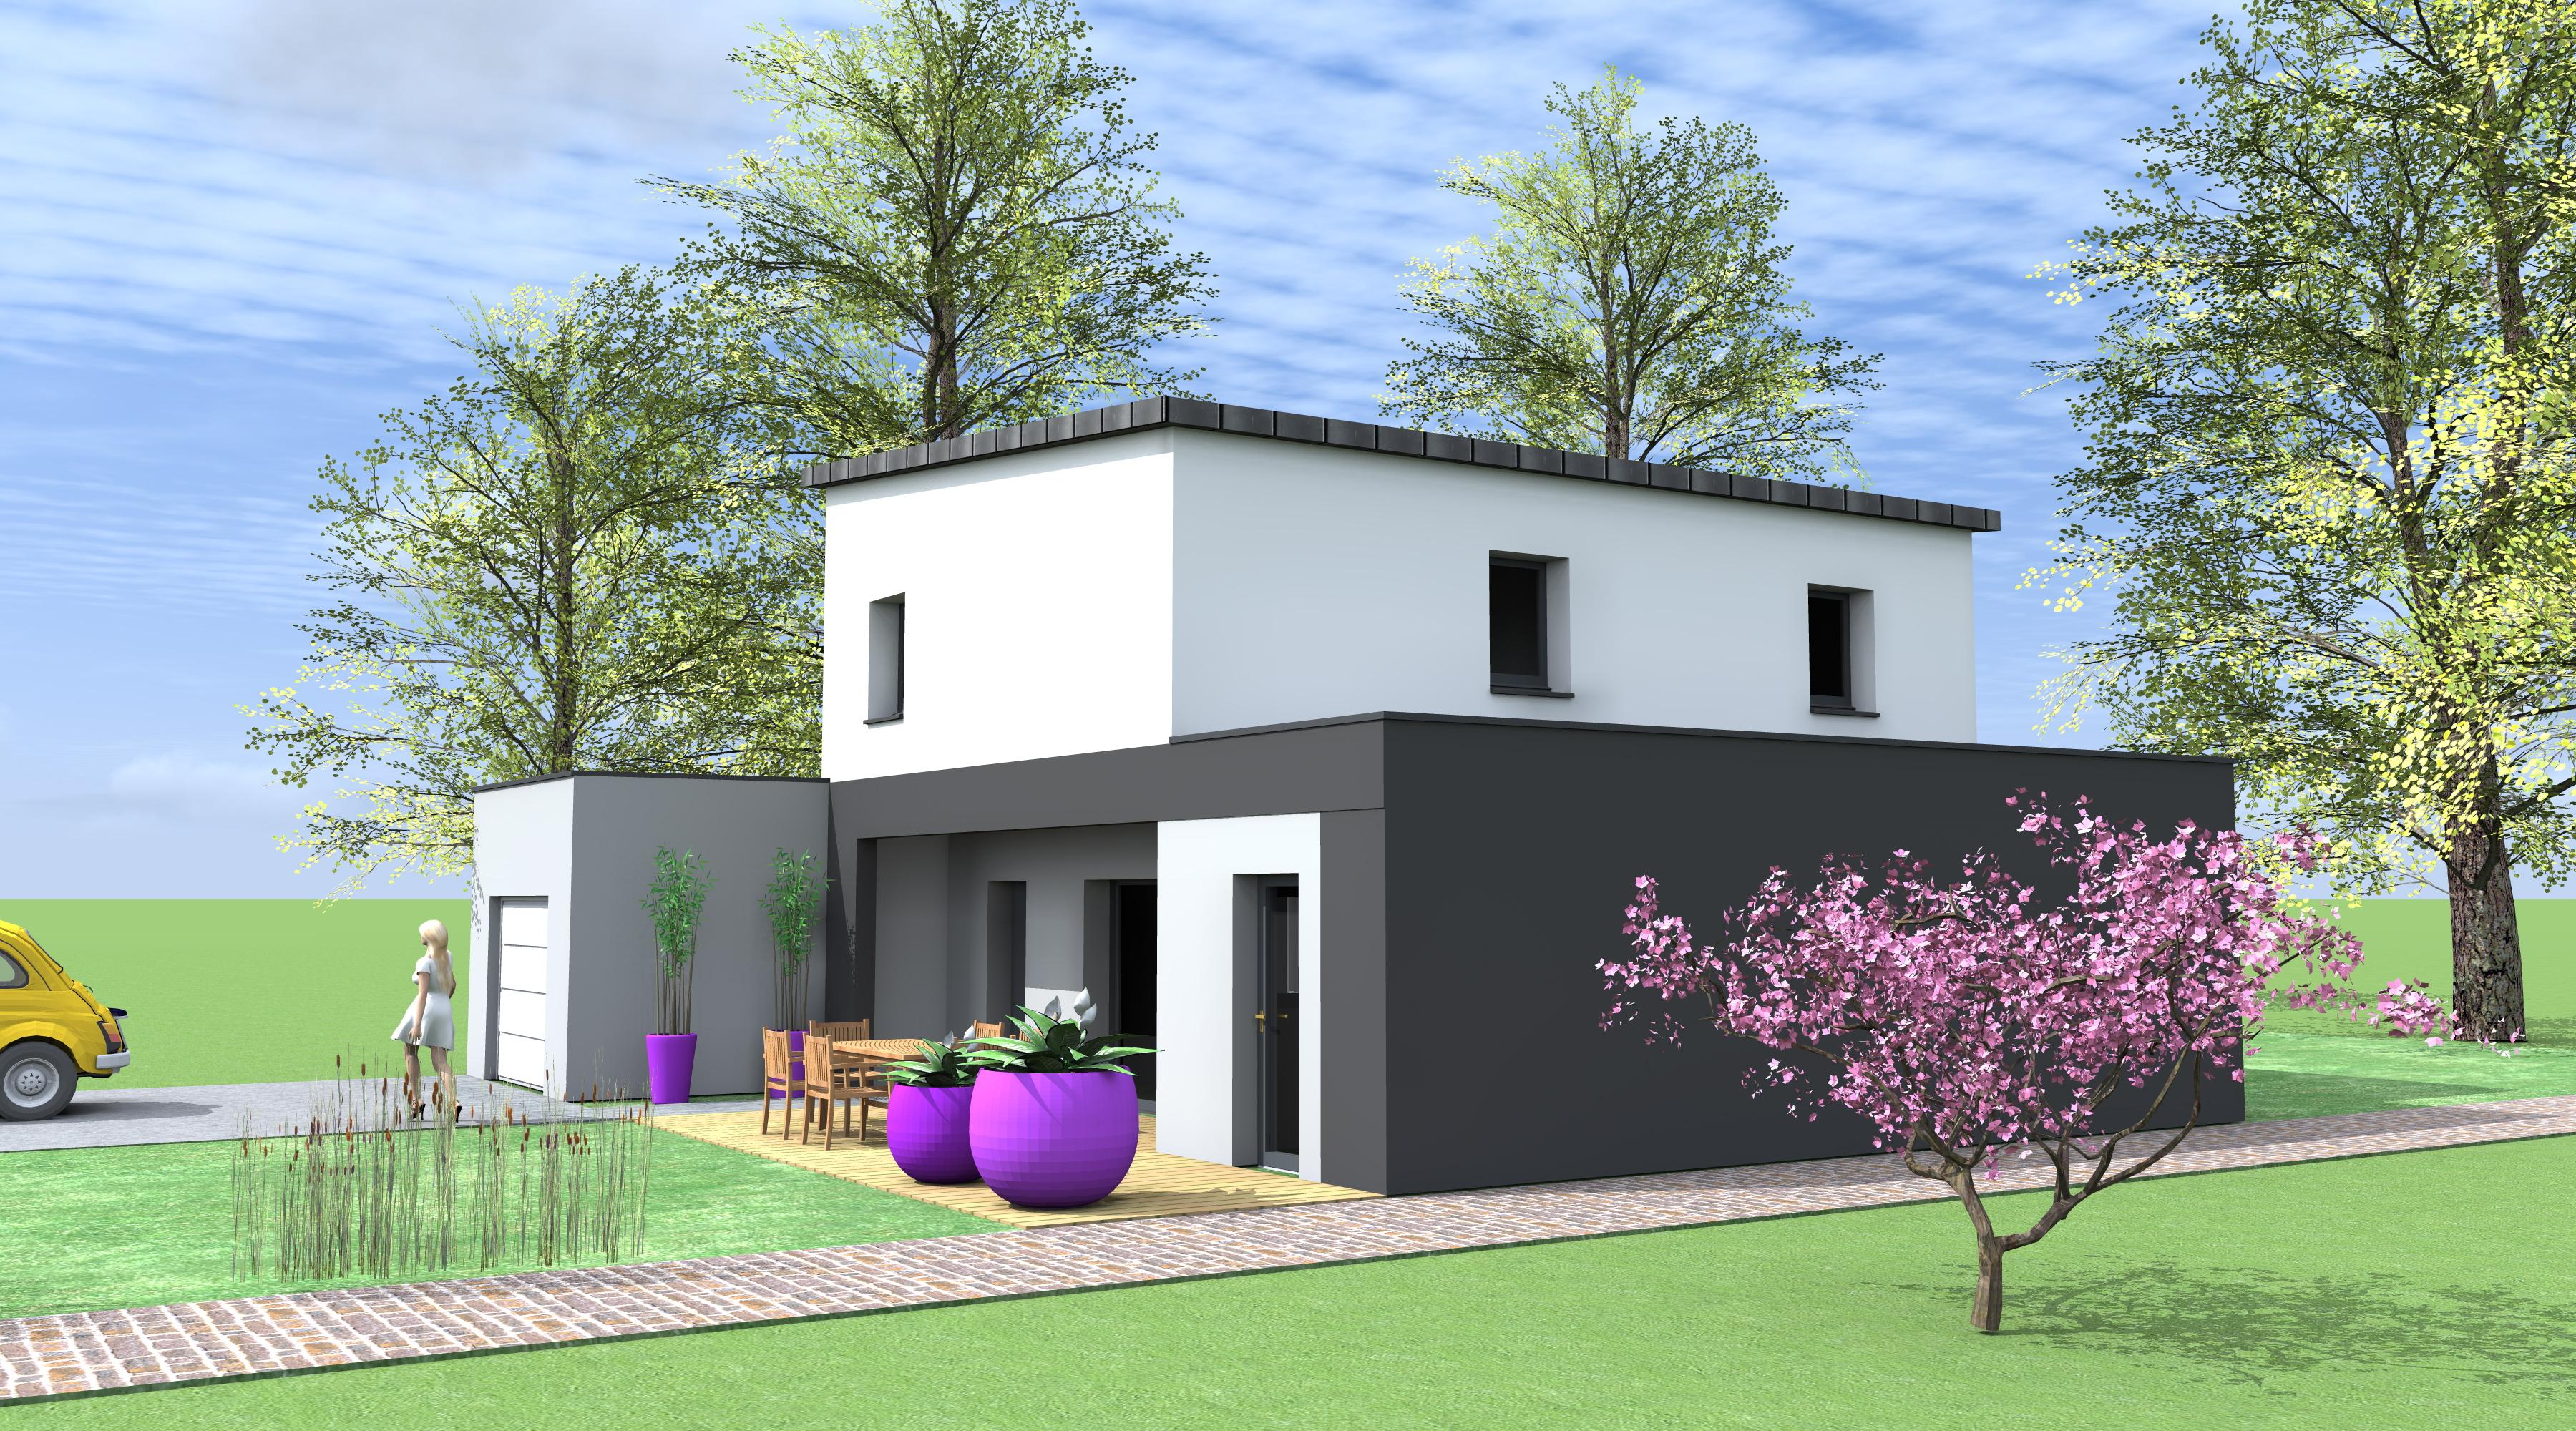 Maison moderne gris et blanc for Interieur maison gris